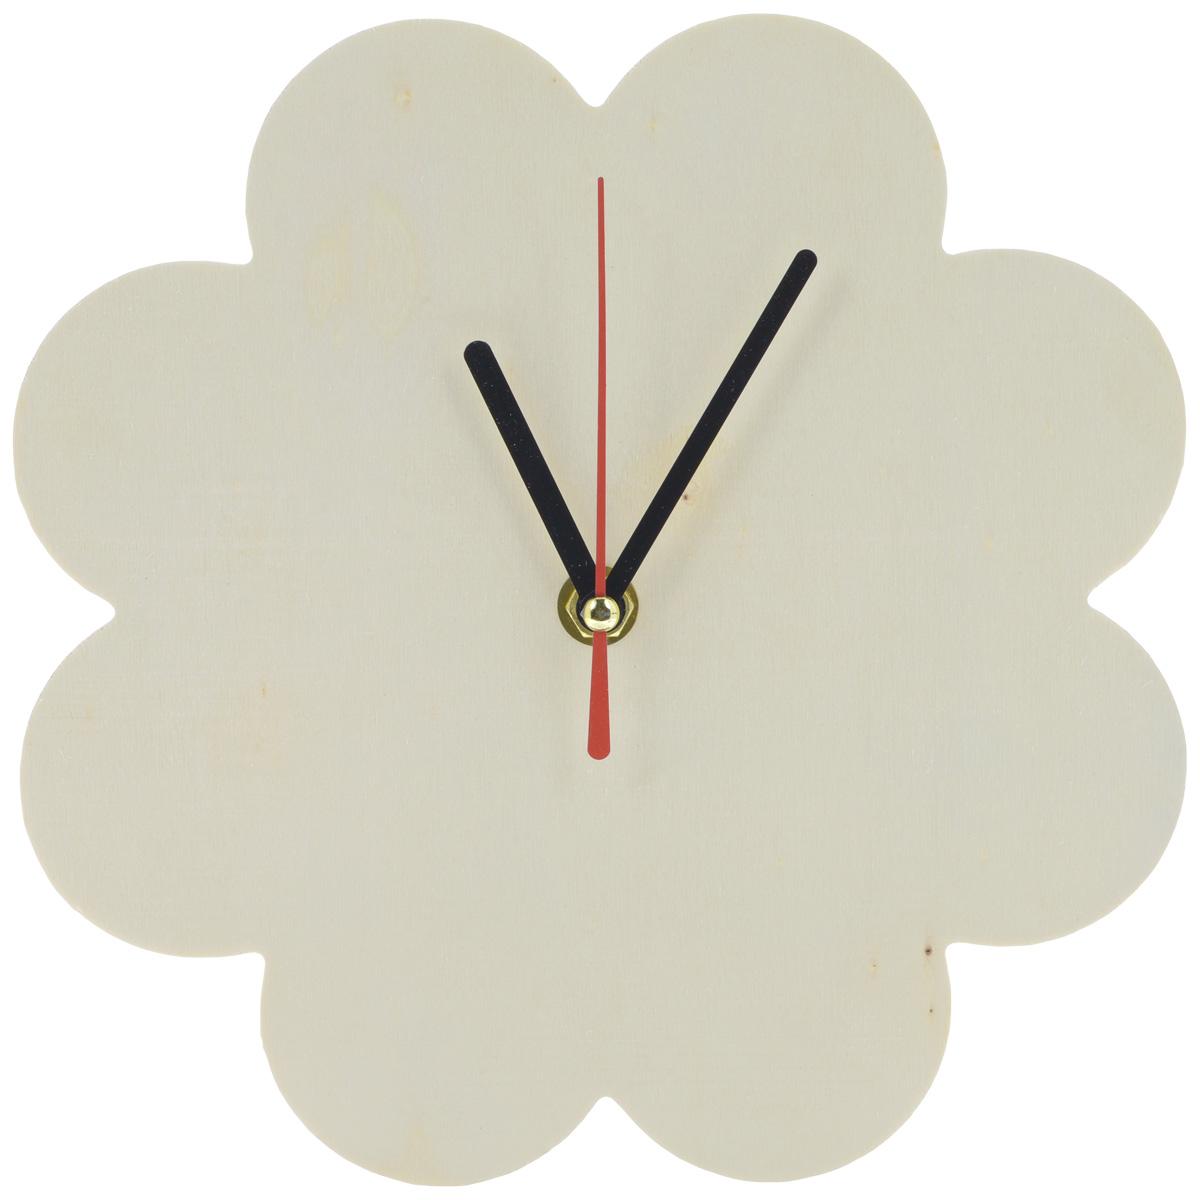 Заготовка для часов ScrapBerrys Ромашка, с часовым механизмом, диаметр 21 смSCB350153Оригинальная заготовка для часов ScrapBerrys Ромашка, выполненная из натурального дерева, предназначена для занятий декупажом. Заготовка имеет форму цветка и оснащена часовым механизмом. Декупаж - техника декорирования различных предметов, основанная на присоединении рисунка, картины или орнамента (обычного вырезанного) к предмету, и, далее, покрытии полученной композиции лаком ради эффектности, сохранности и долговечности. Часы работают от одной батарейки типа АА 1,5V (в комплект не входит).